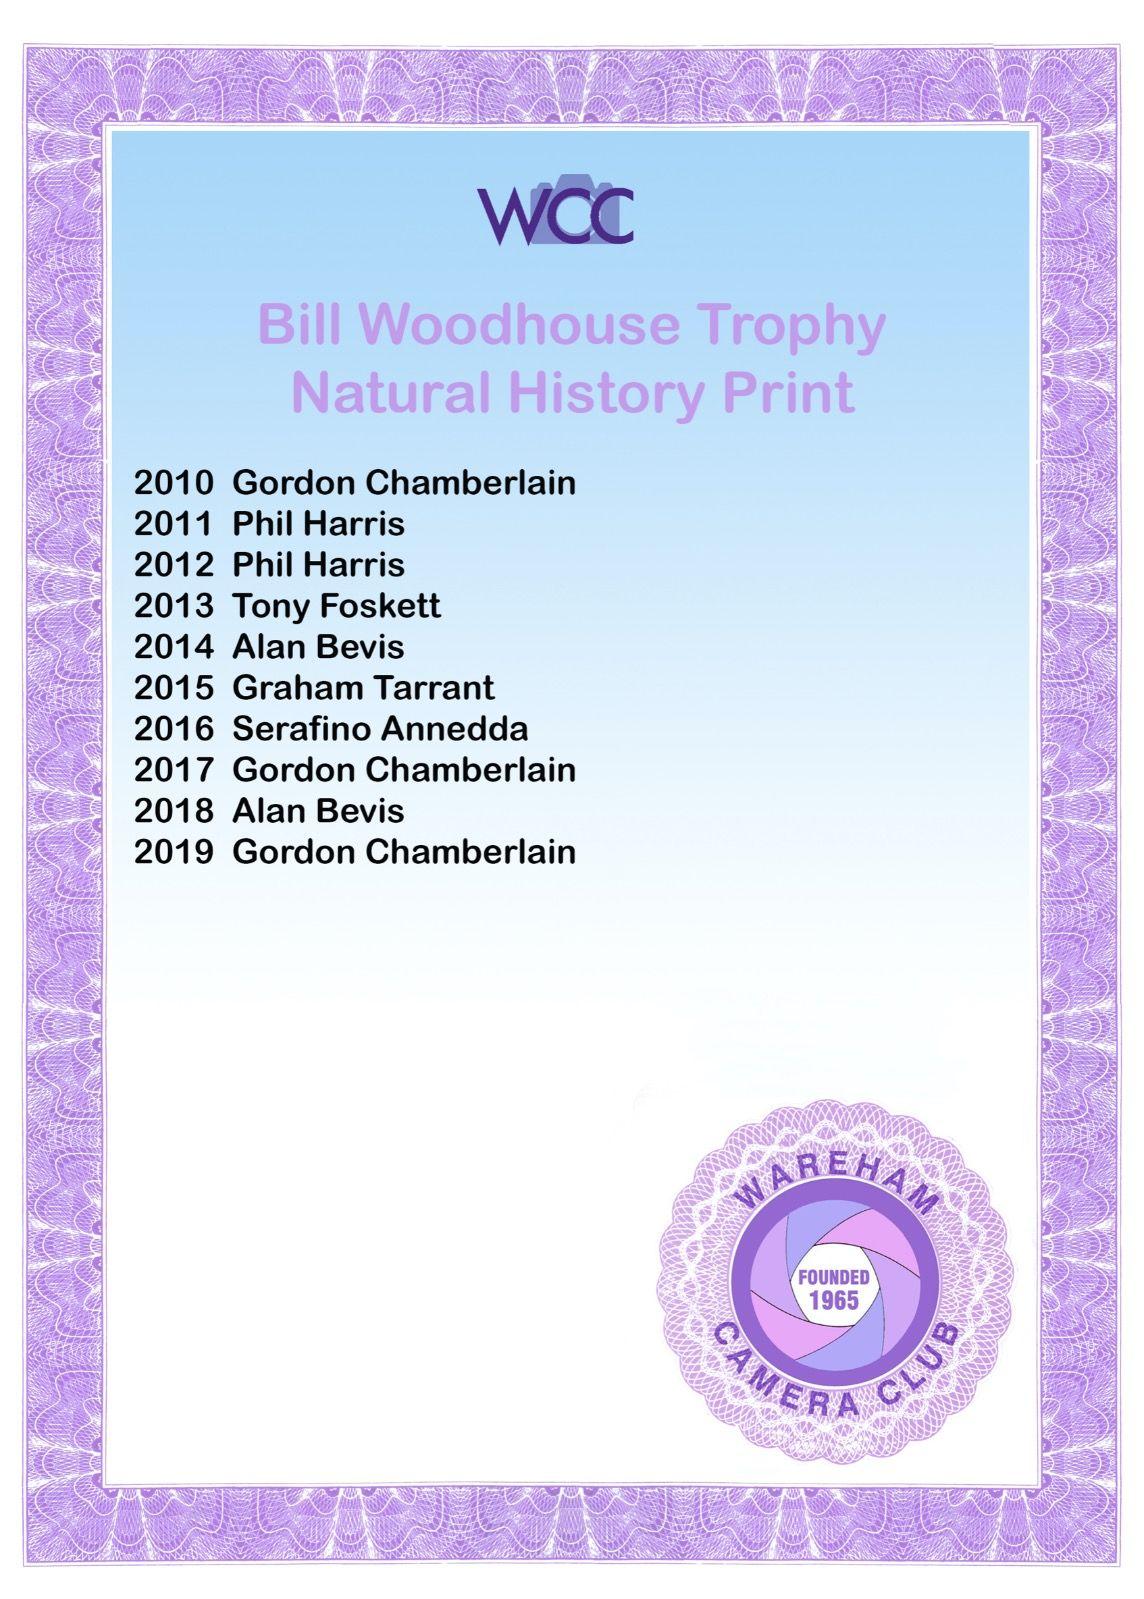 Bill Woodhouse